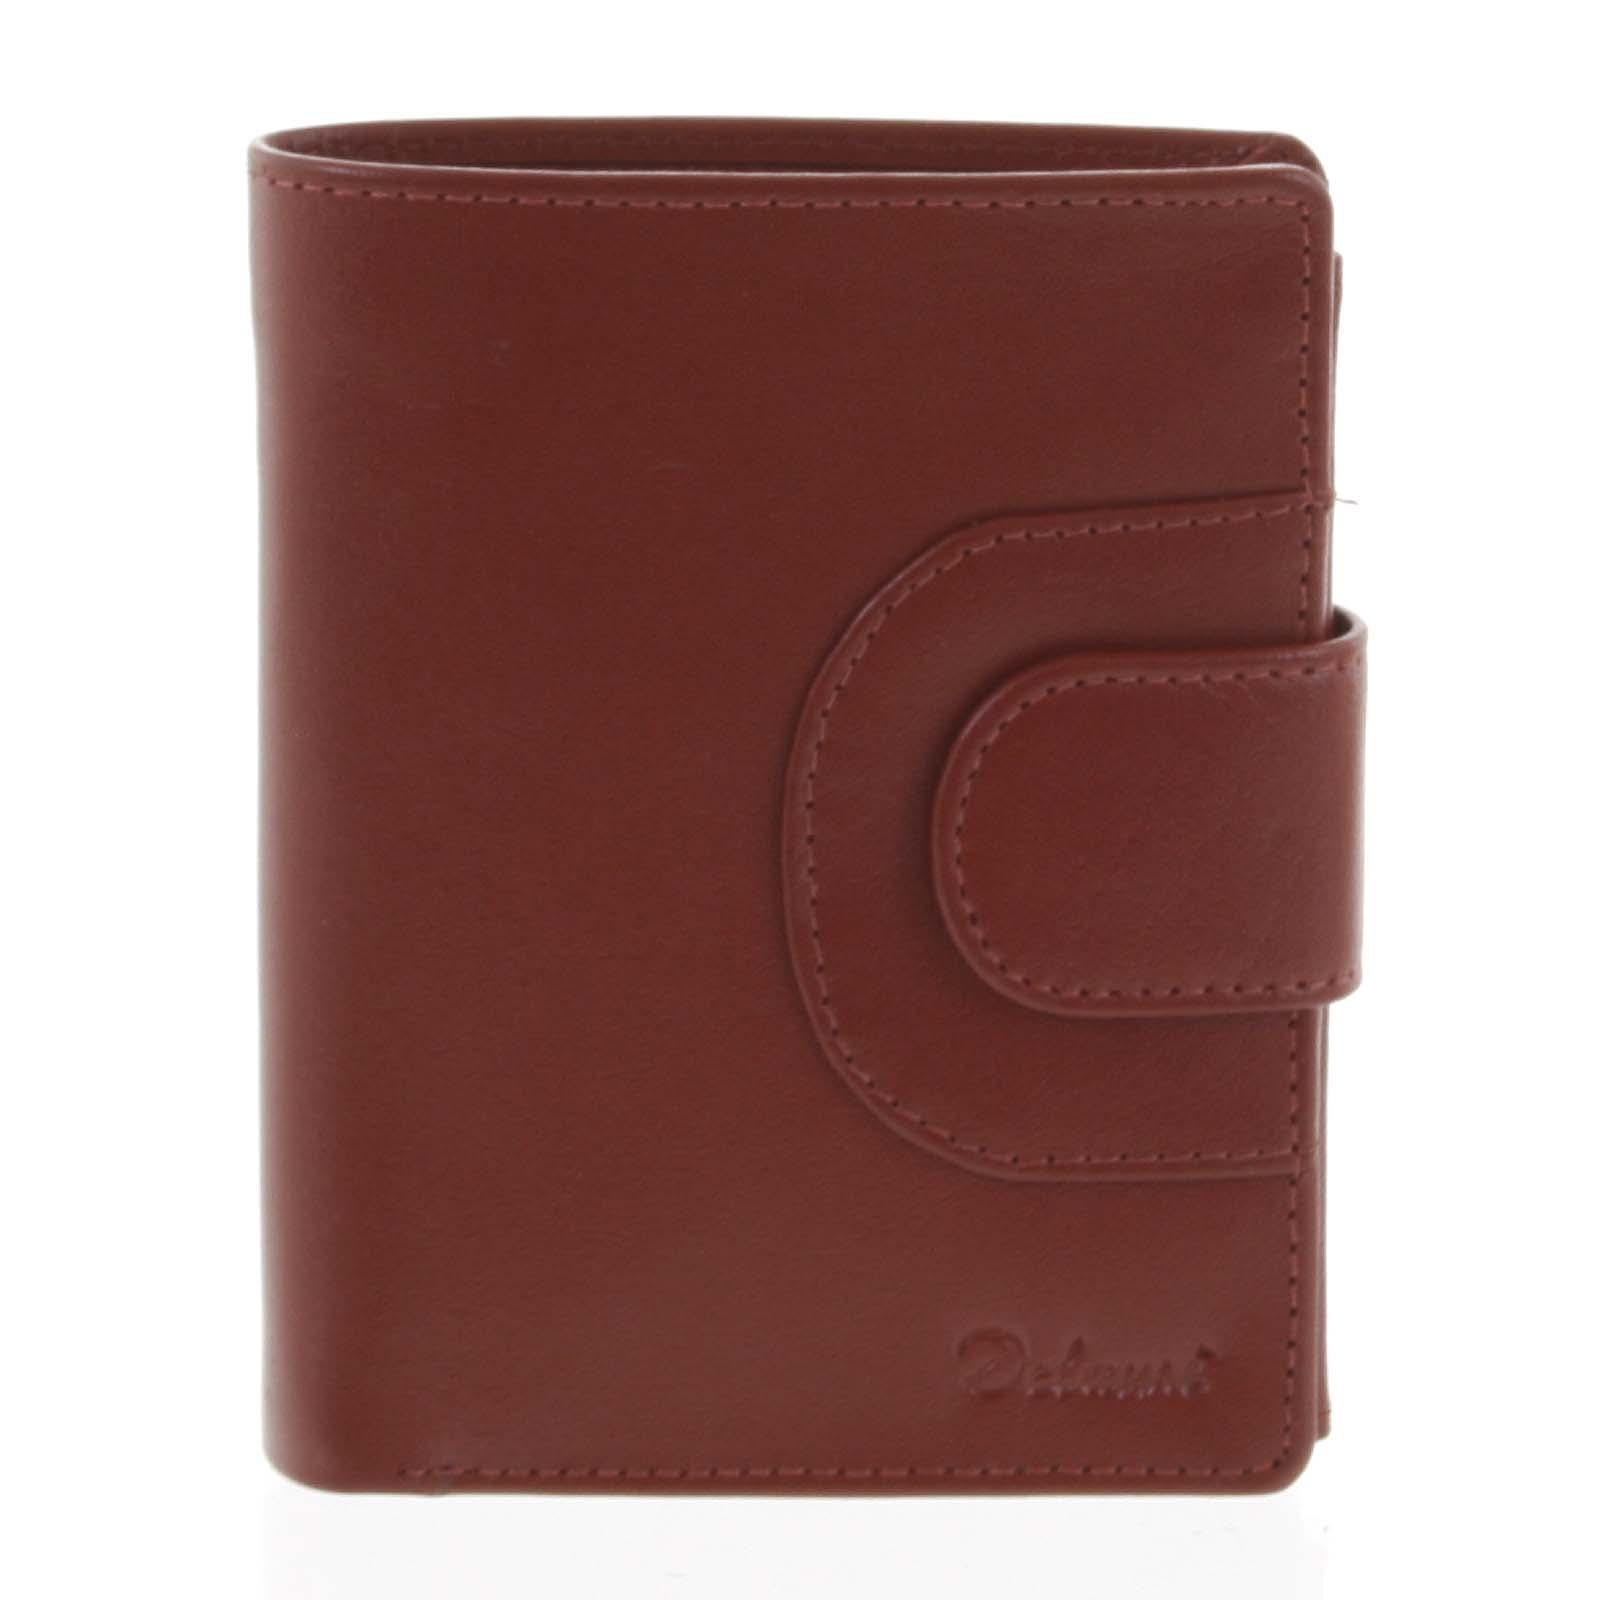 Pánská kožená peněženka červená - Delami Armando